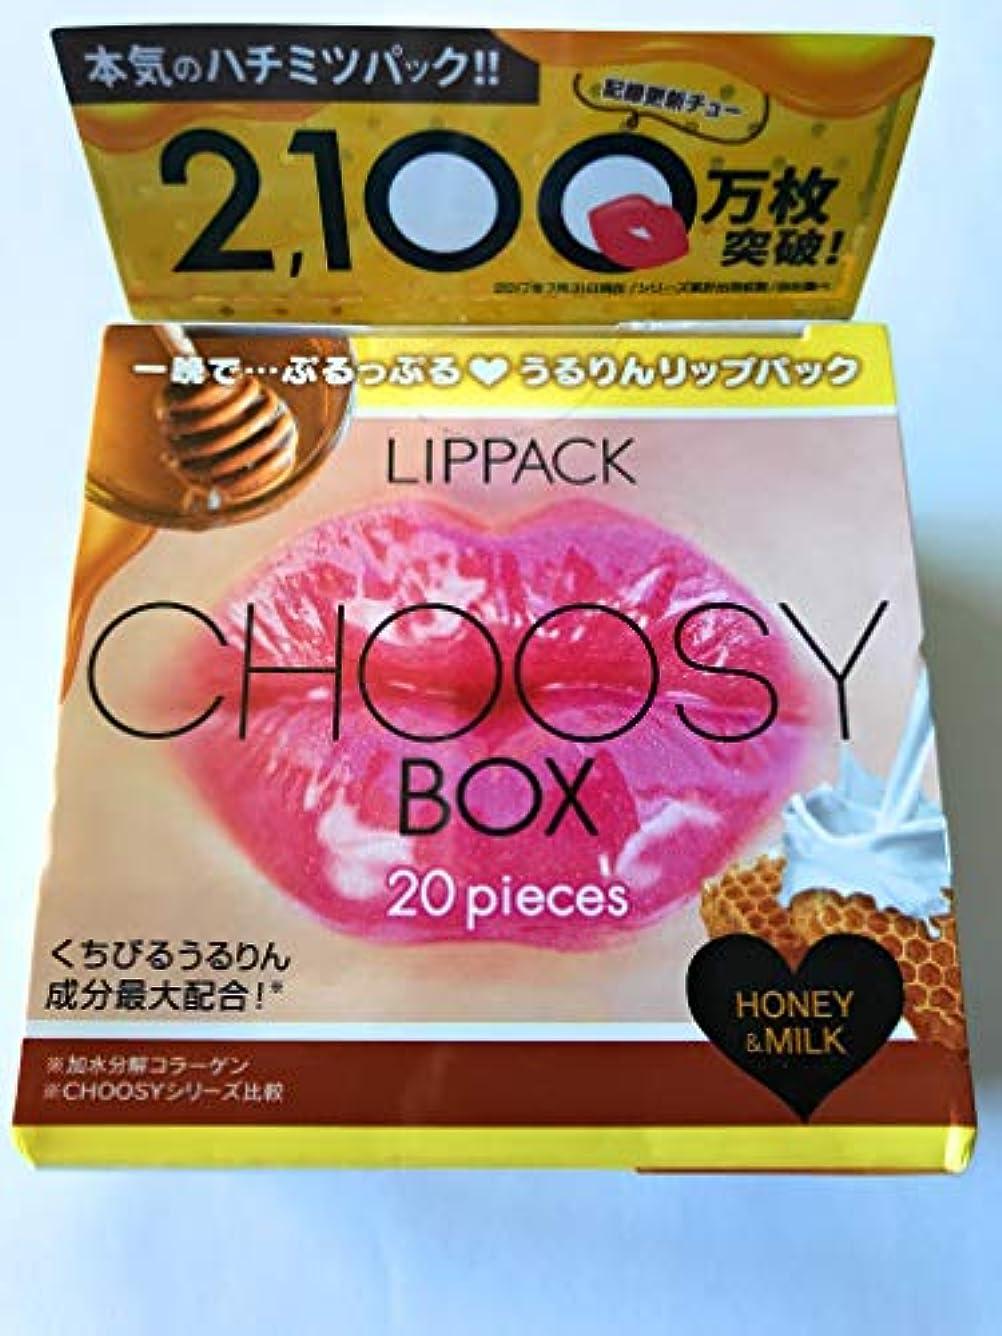 クリームフィールド手配するリップパック CHOOSY 20枚入りBOX ハニー&ミルク